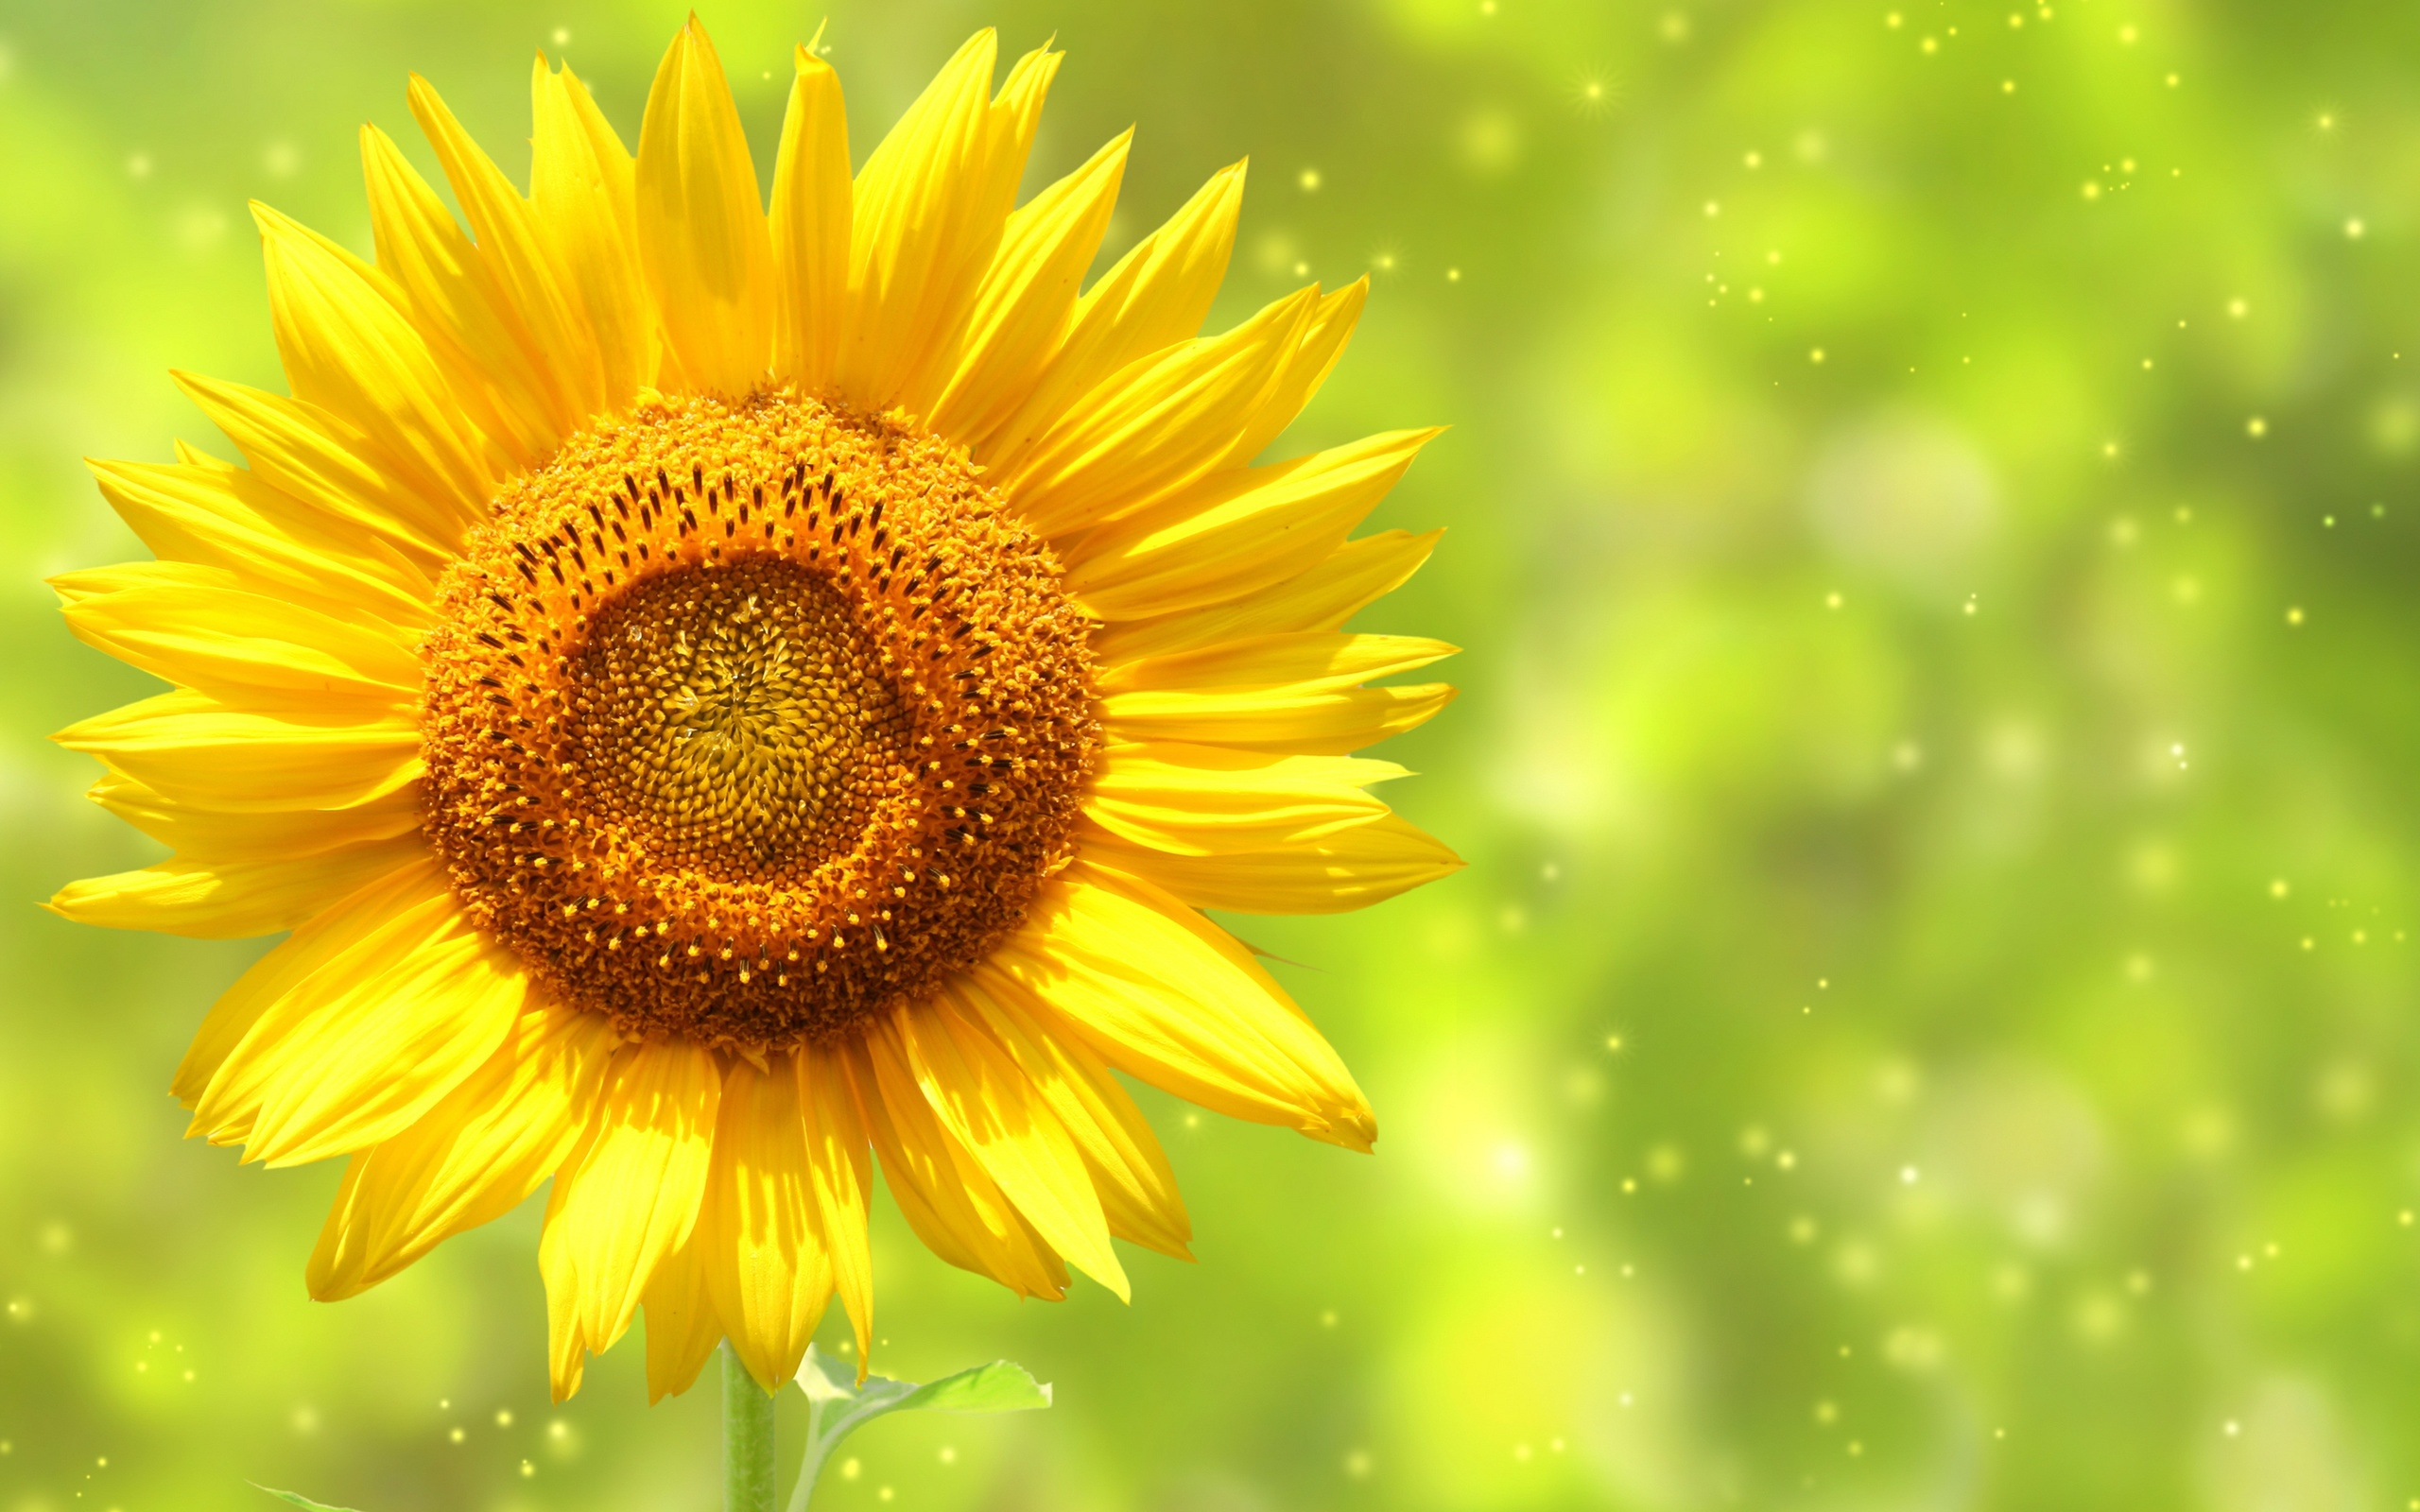 Виталик музыкальные, открытки фоны солнечные